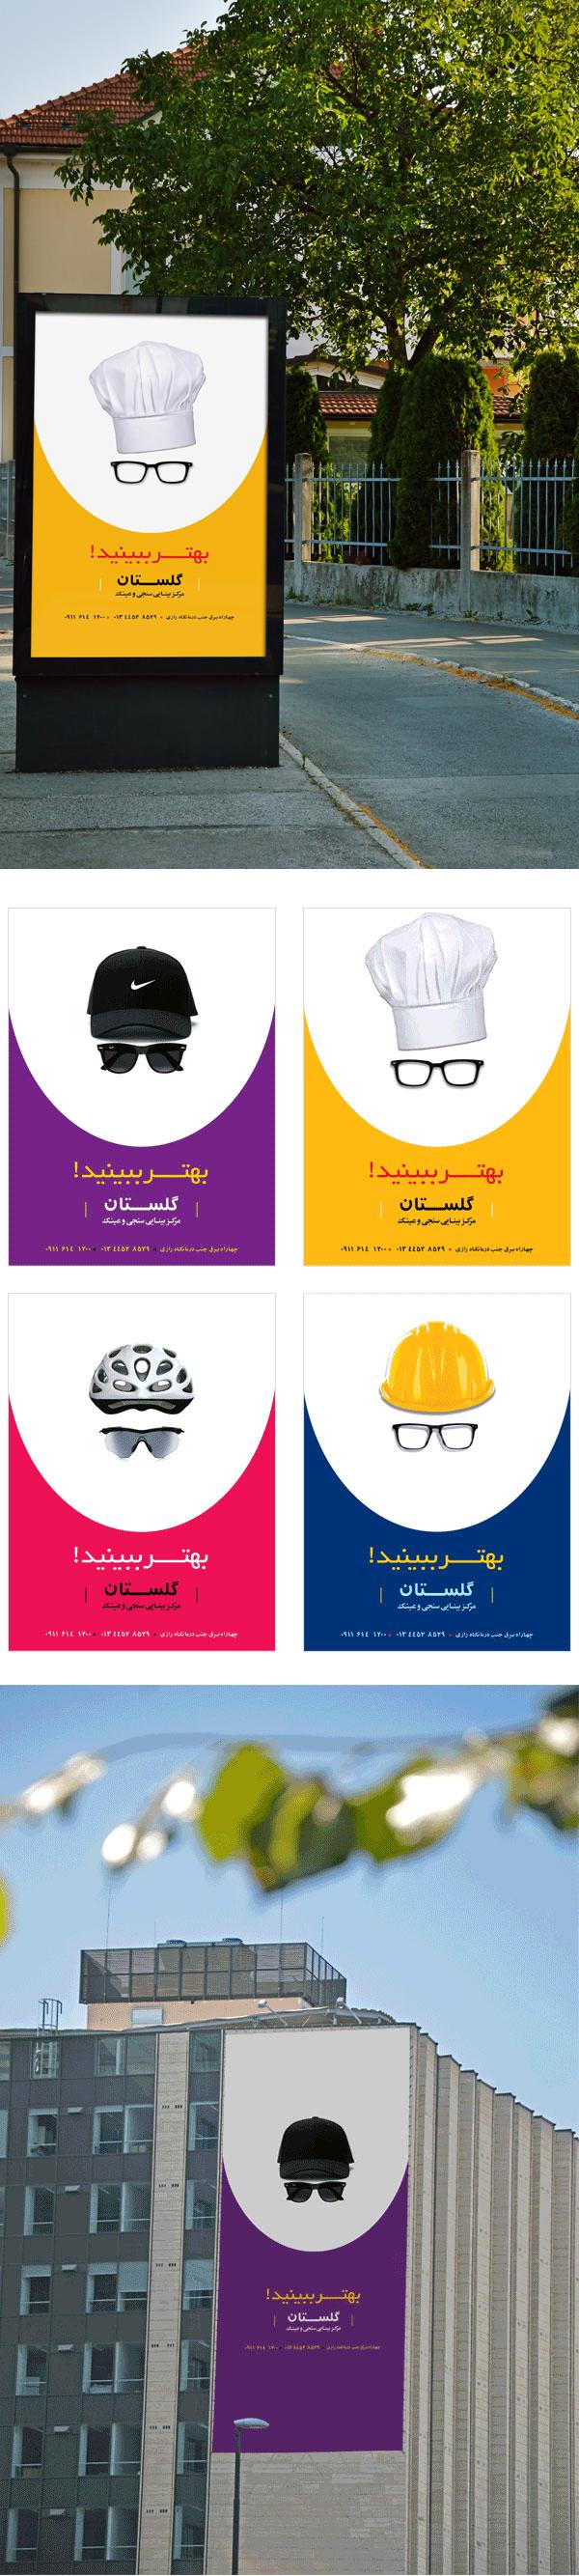 طراحی بیلبورد تبلیغاتی عینک گلستان